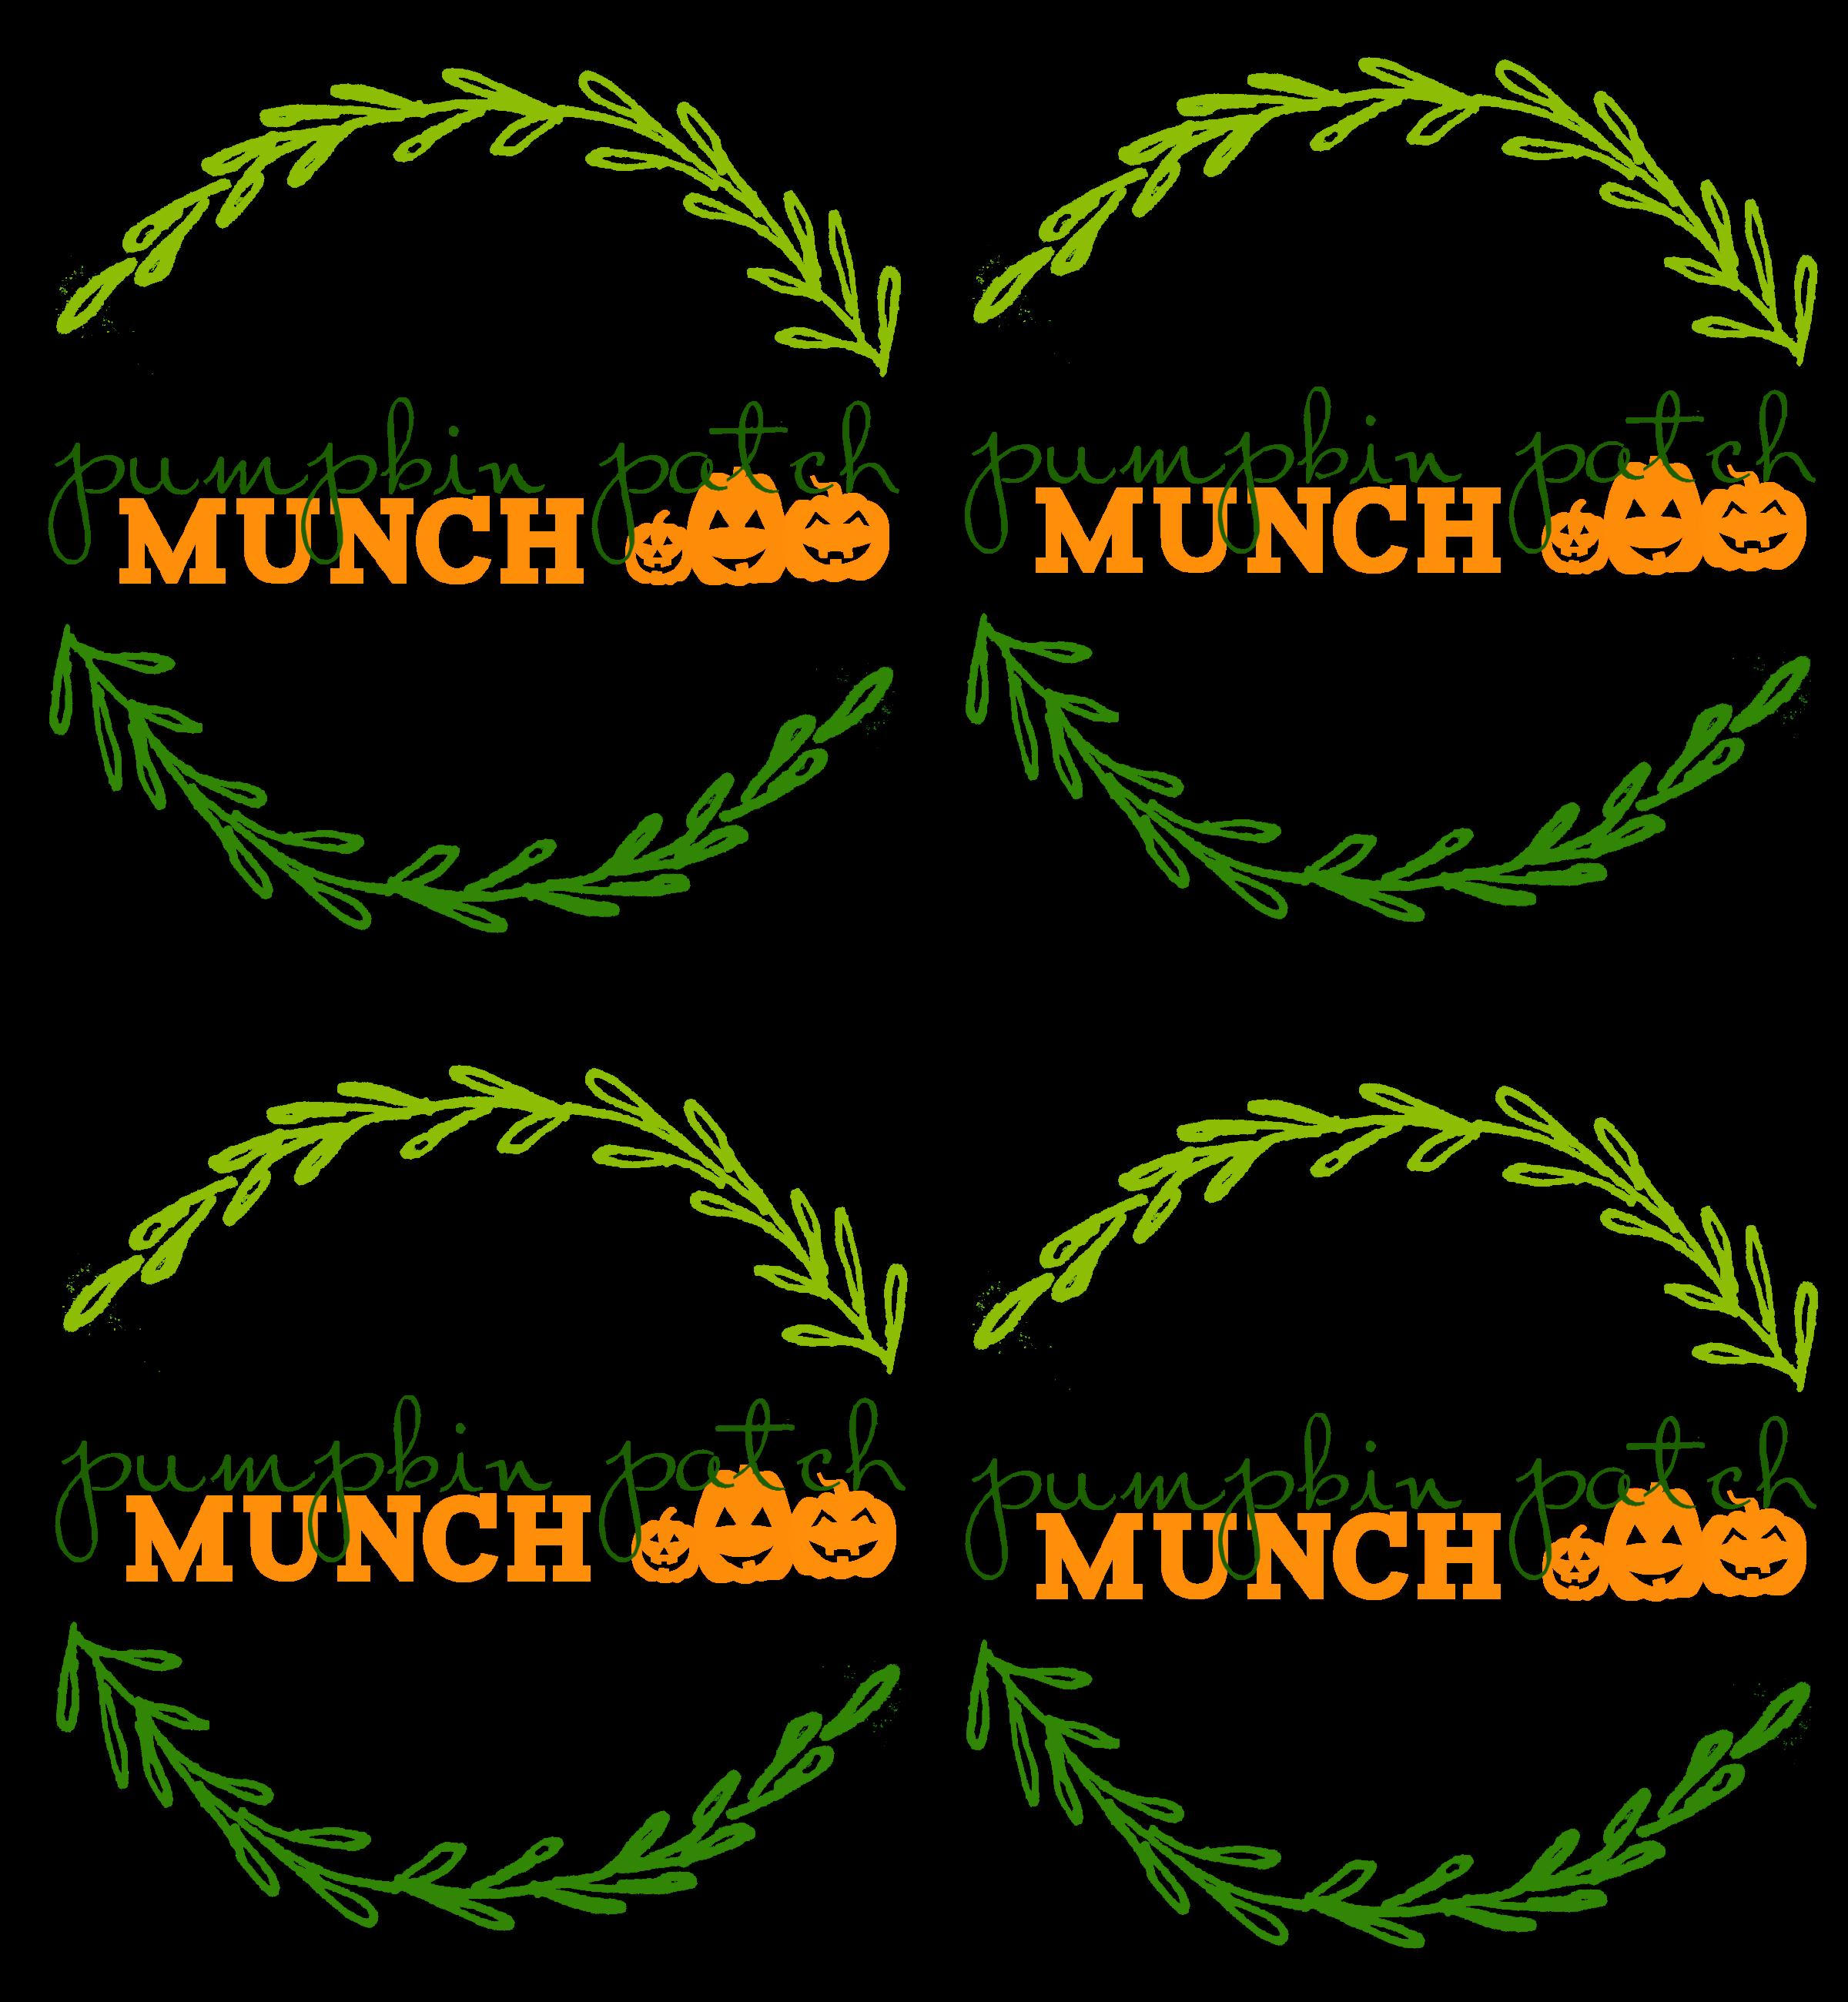 Pumpkin_Munch_collage